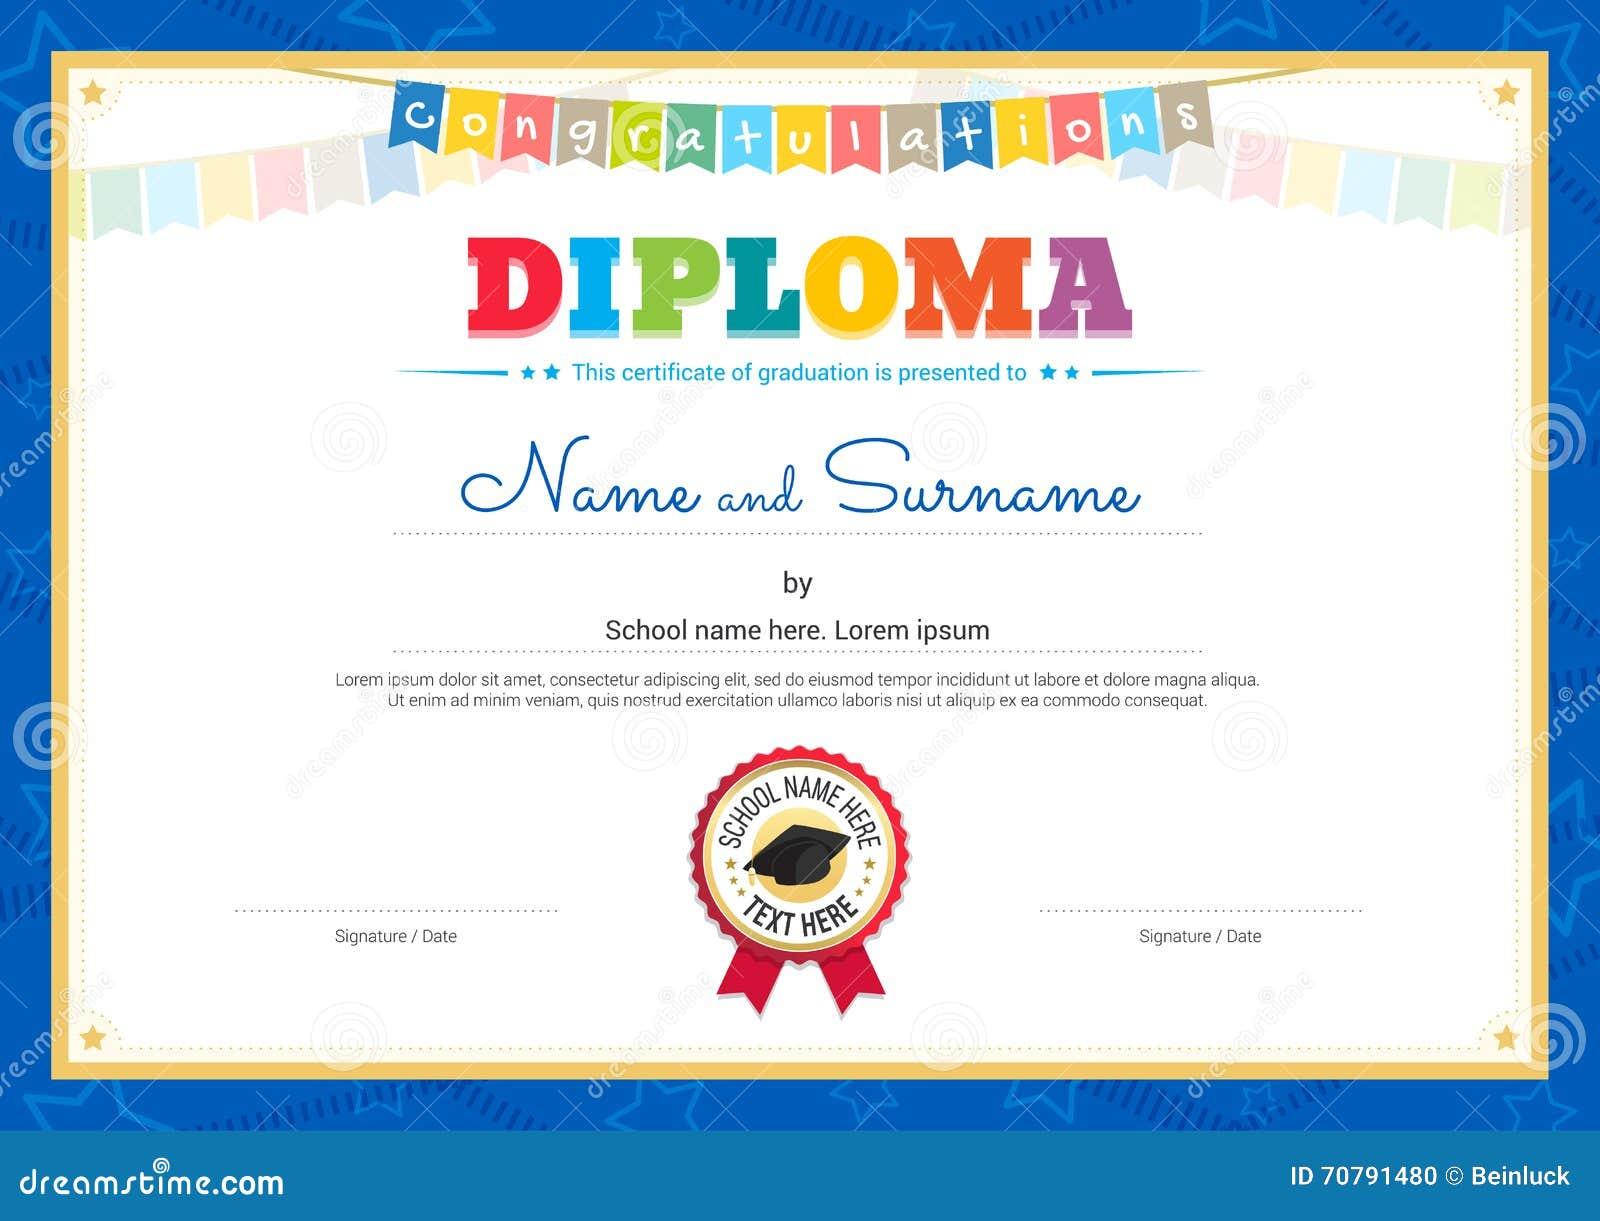 formato de diploma - Ideal.vistalist.co